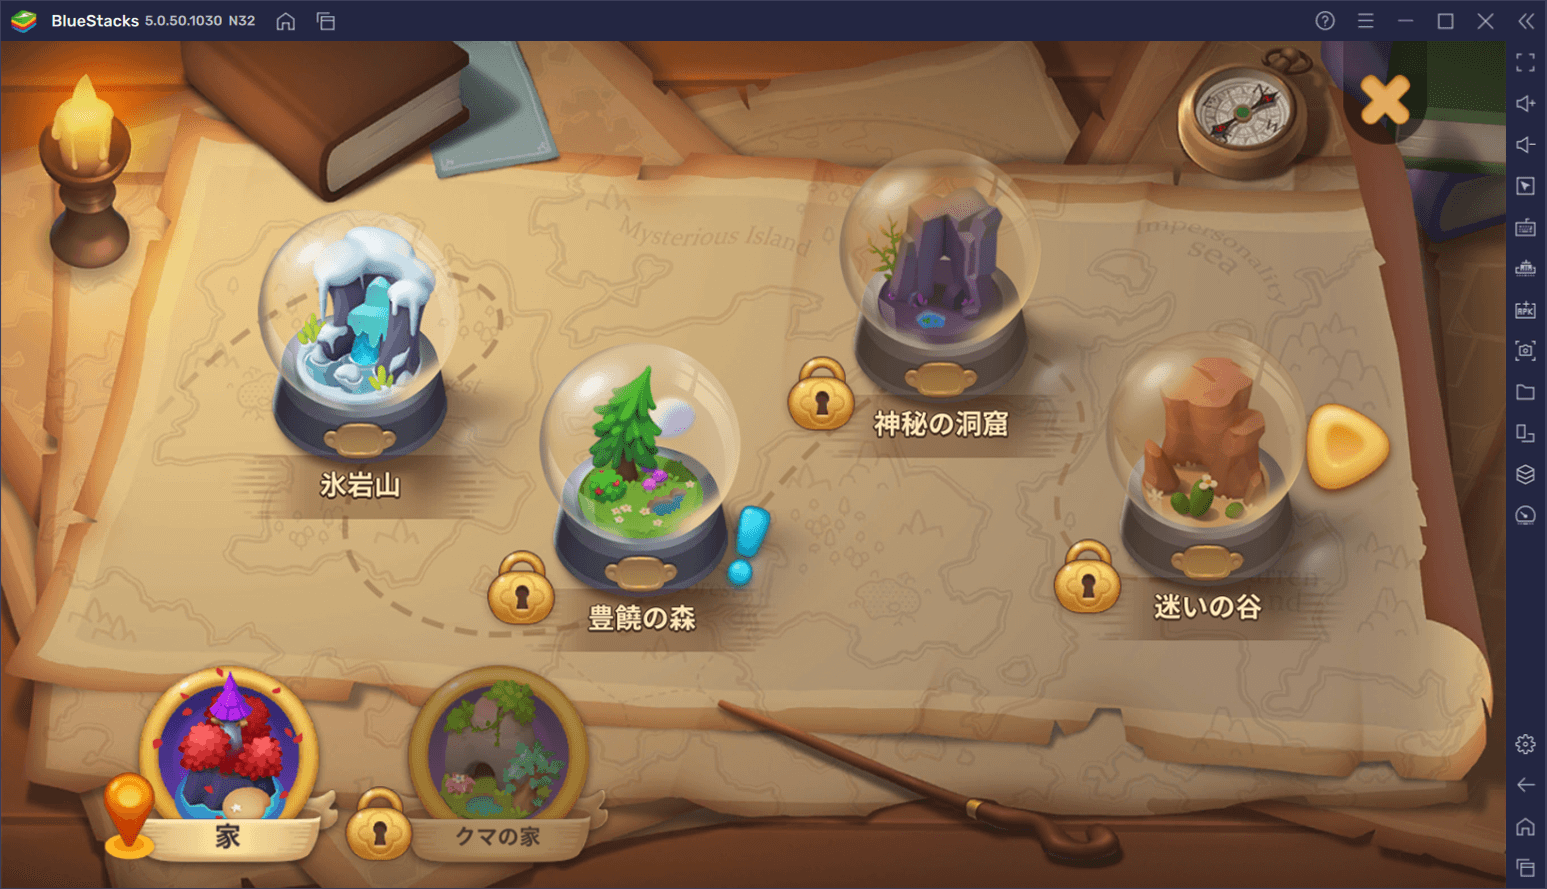 BlueStacksを使ってPCで『ミラクルハウス:私の魔法領地』を遊ぼう